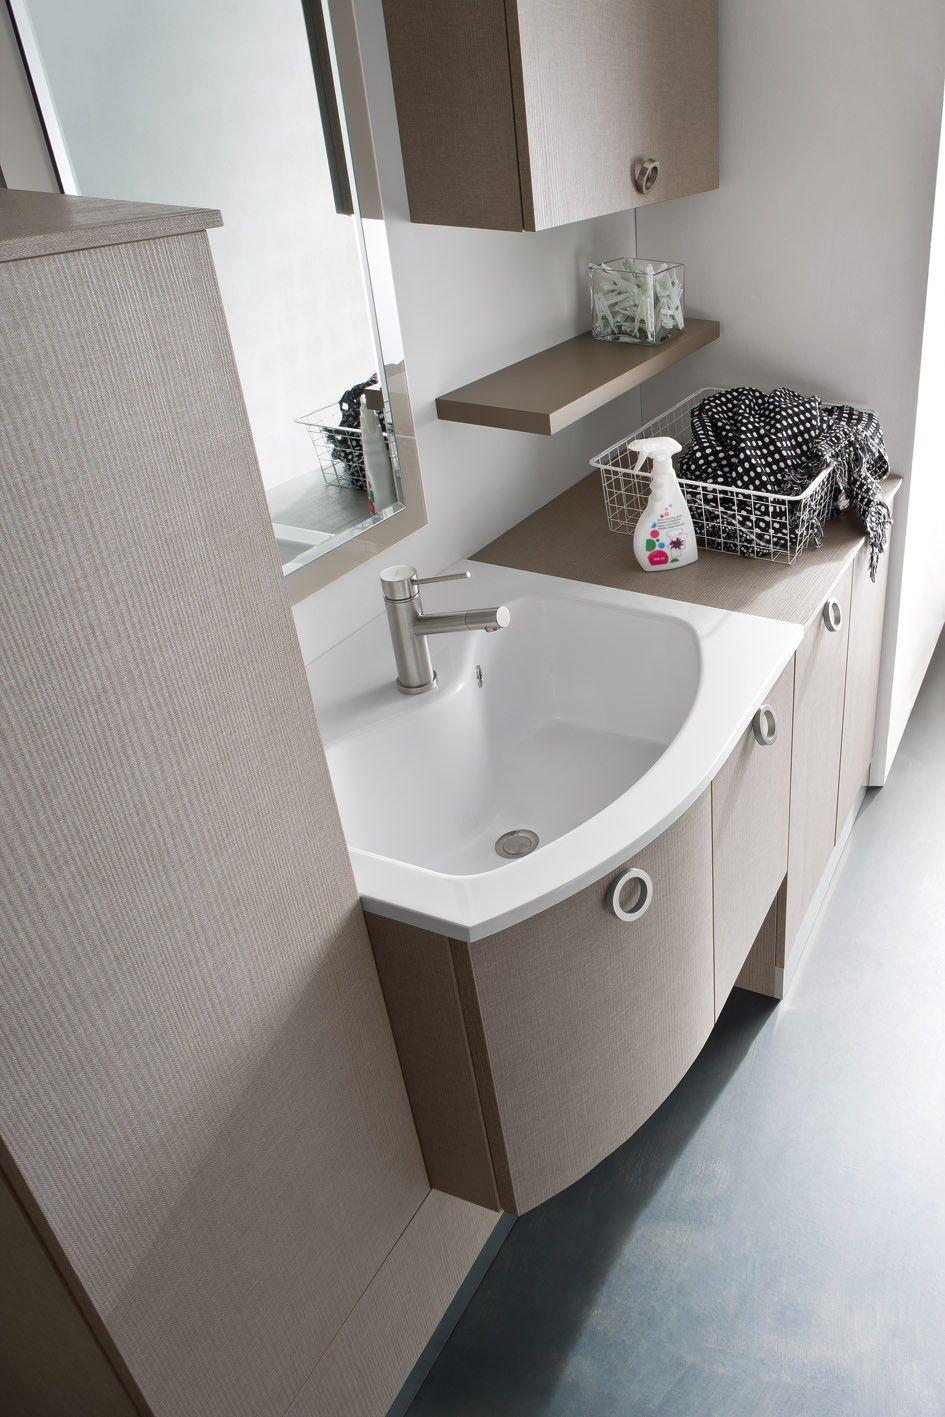 Mobile Lavello E Lavatrice mobile lavanderia per lavatrice ad incasso n42 - atlantic